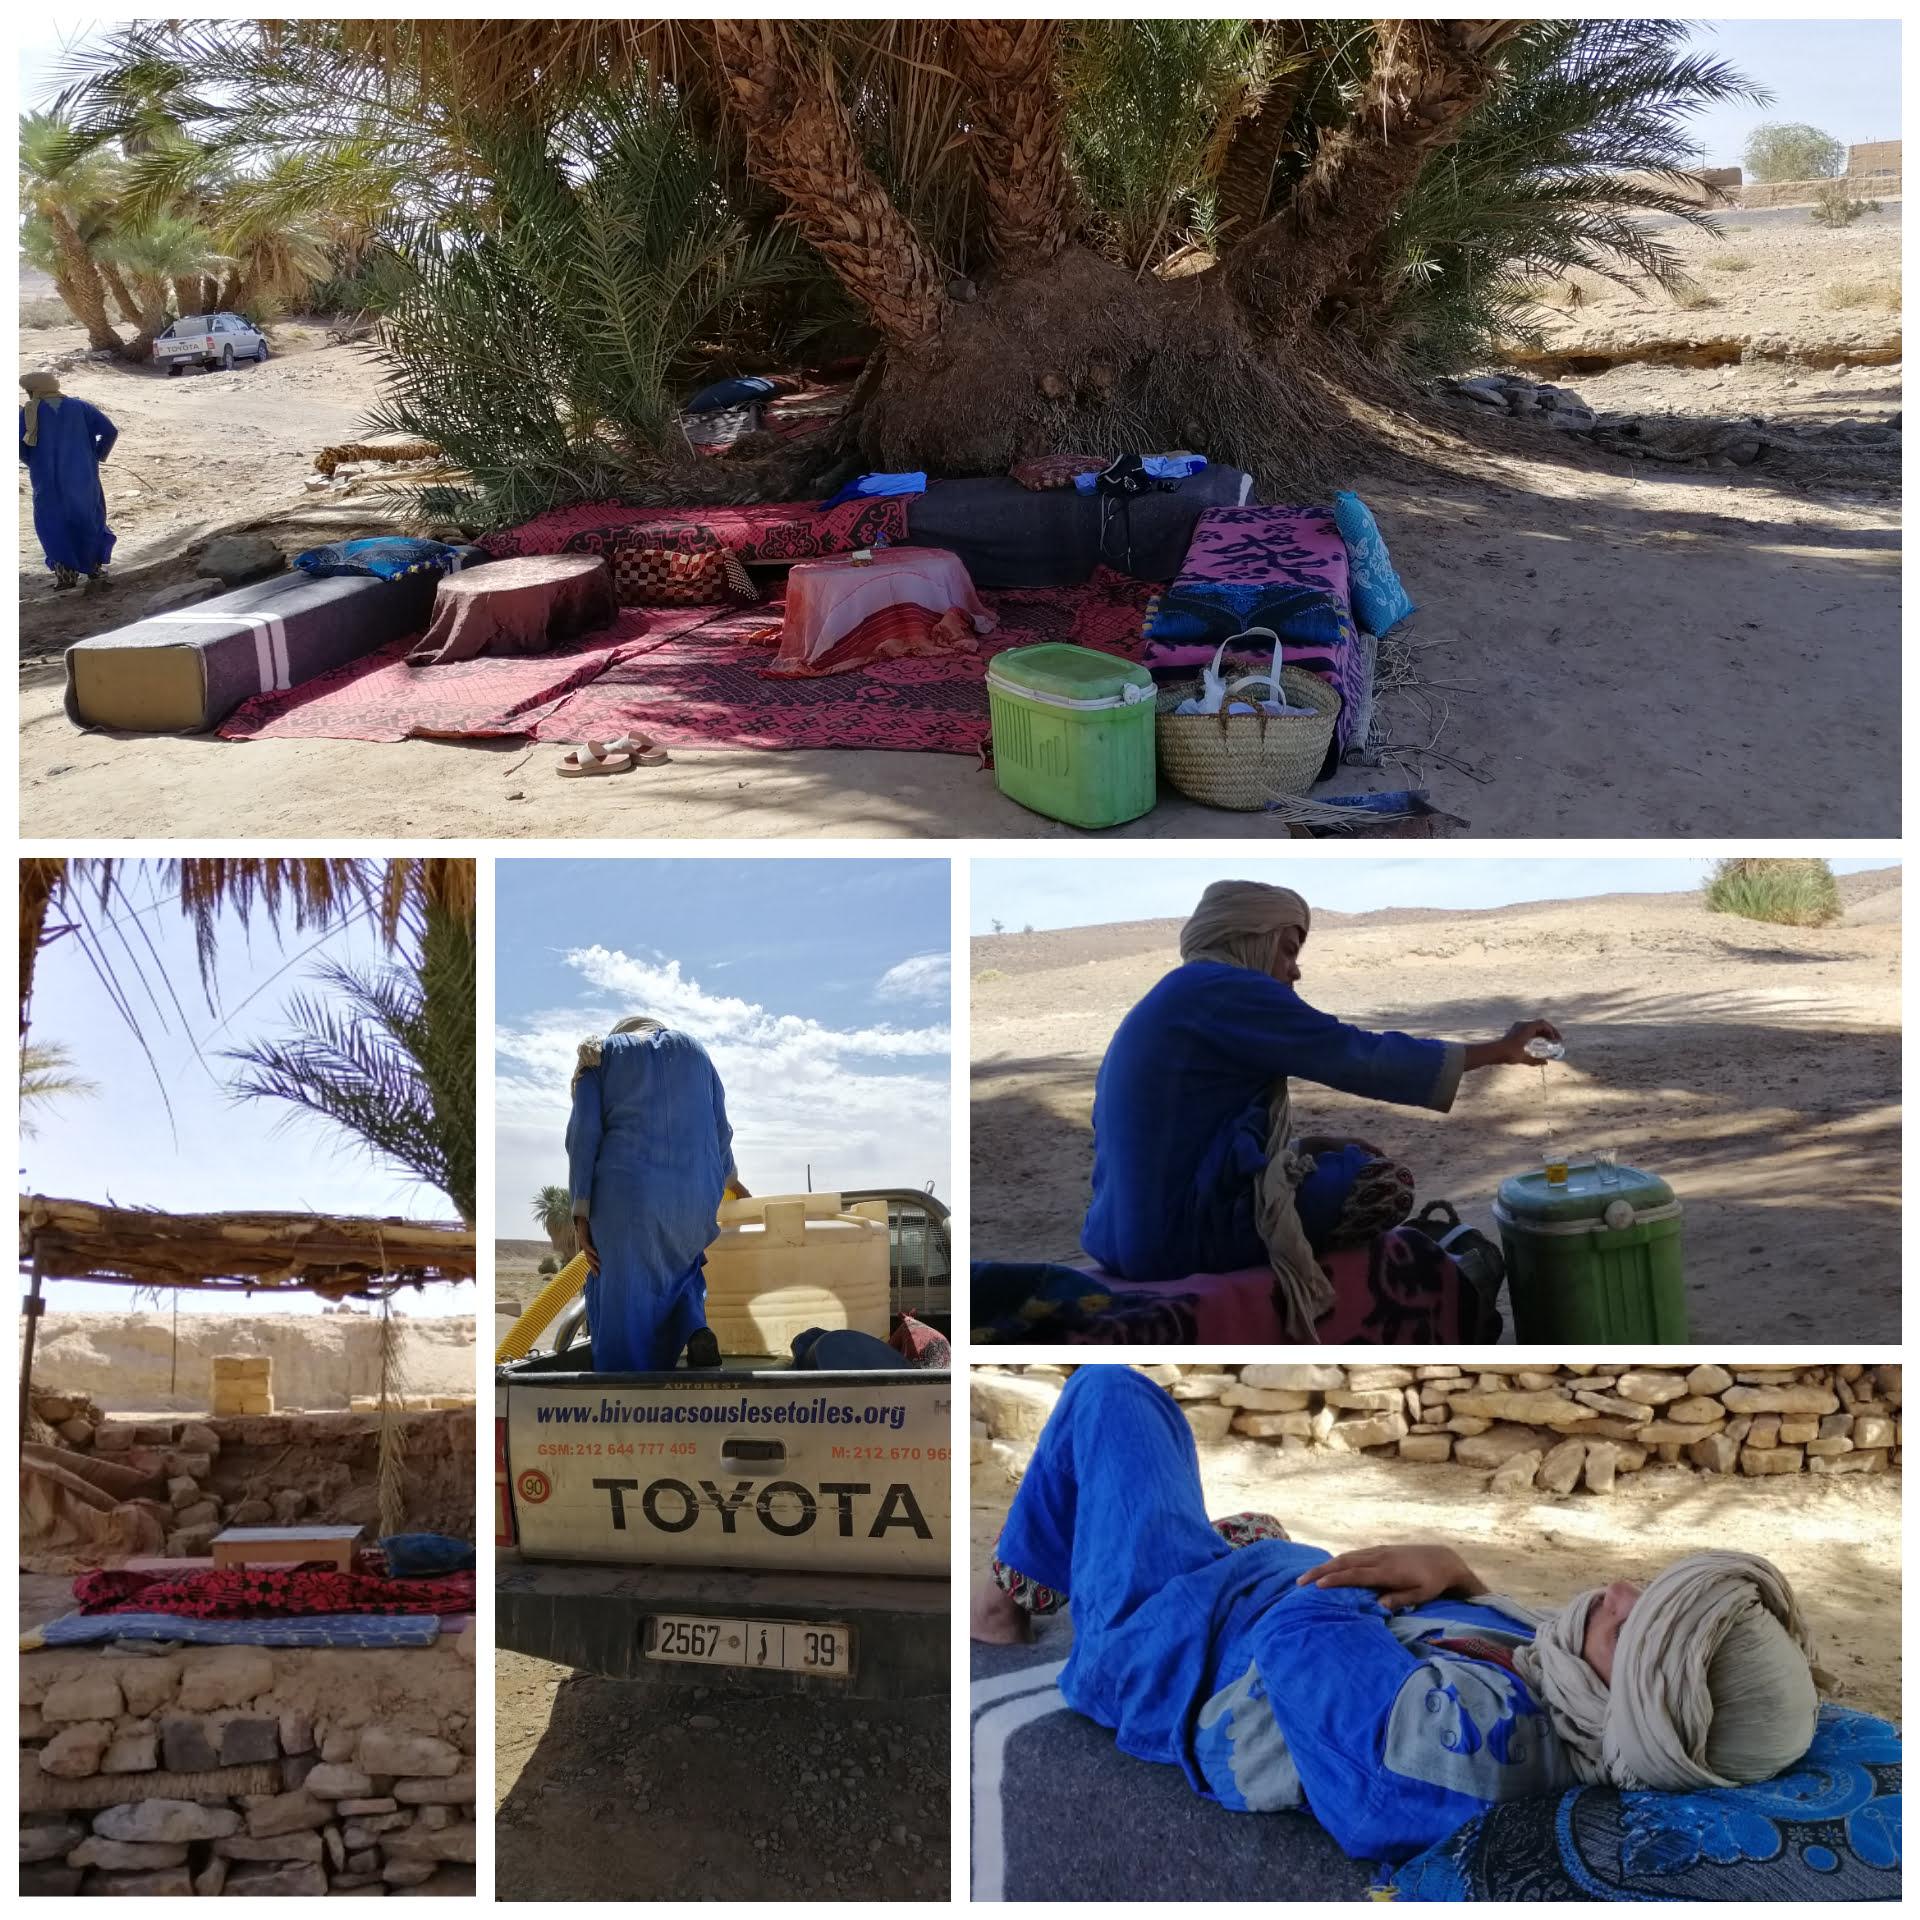 15 au 26 février 2021 : Voyage culturel et de ressourcement dans le désert au Maroc 11